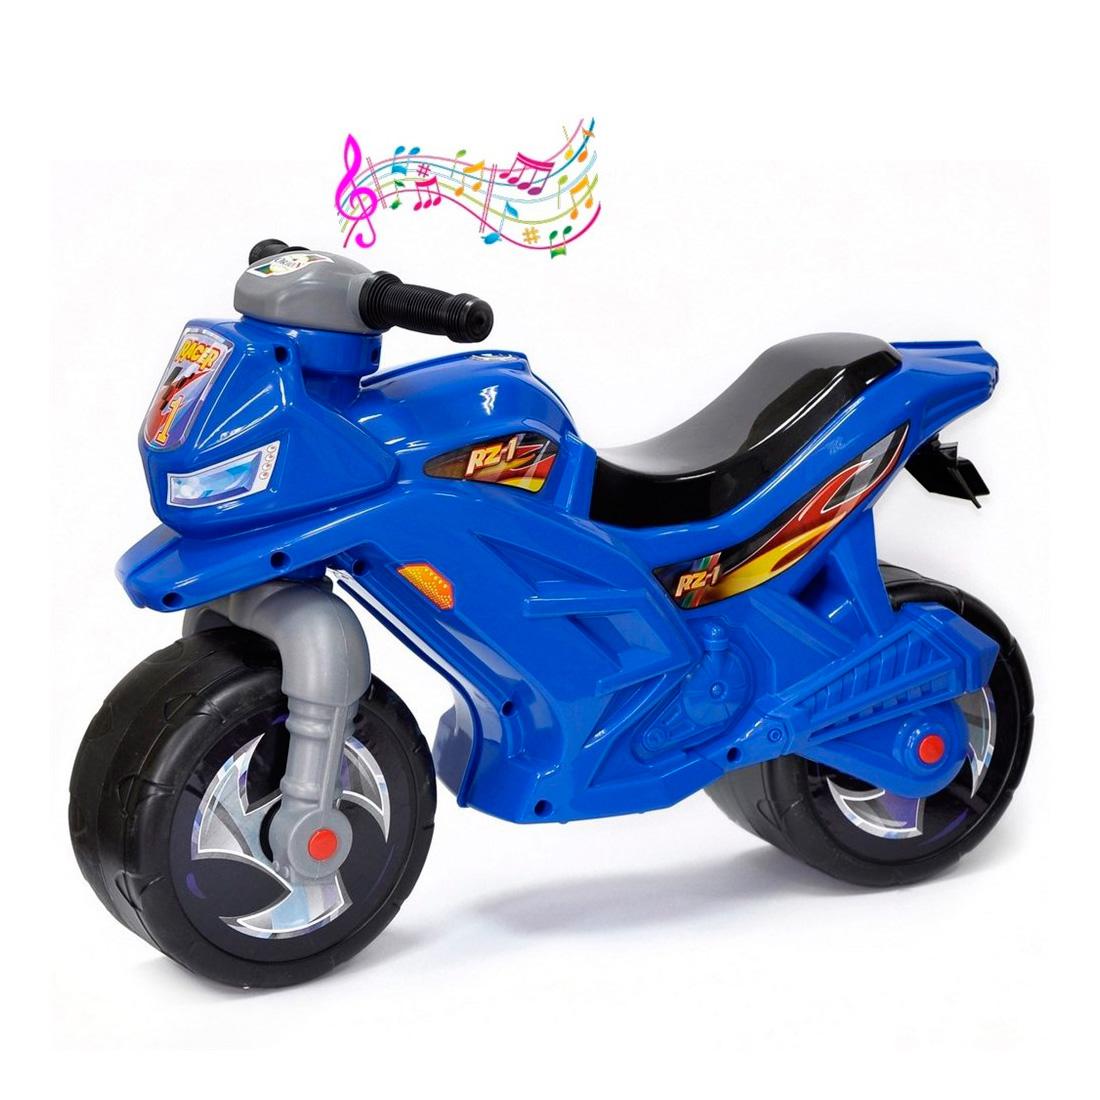 Каталка-беговел RT Racer RZ 1 ОР501в3 с музыкой Синий<br>